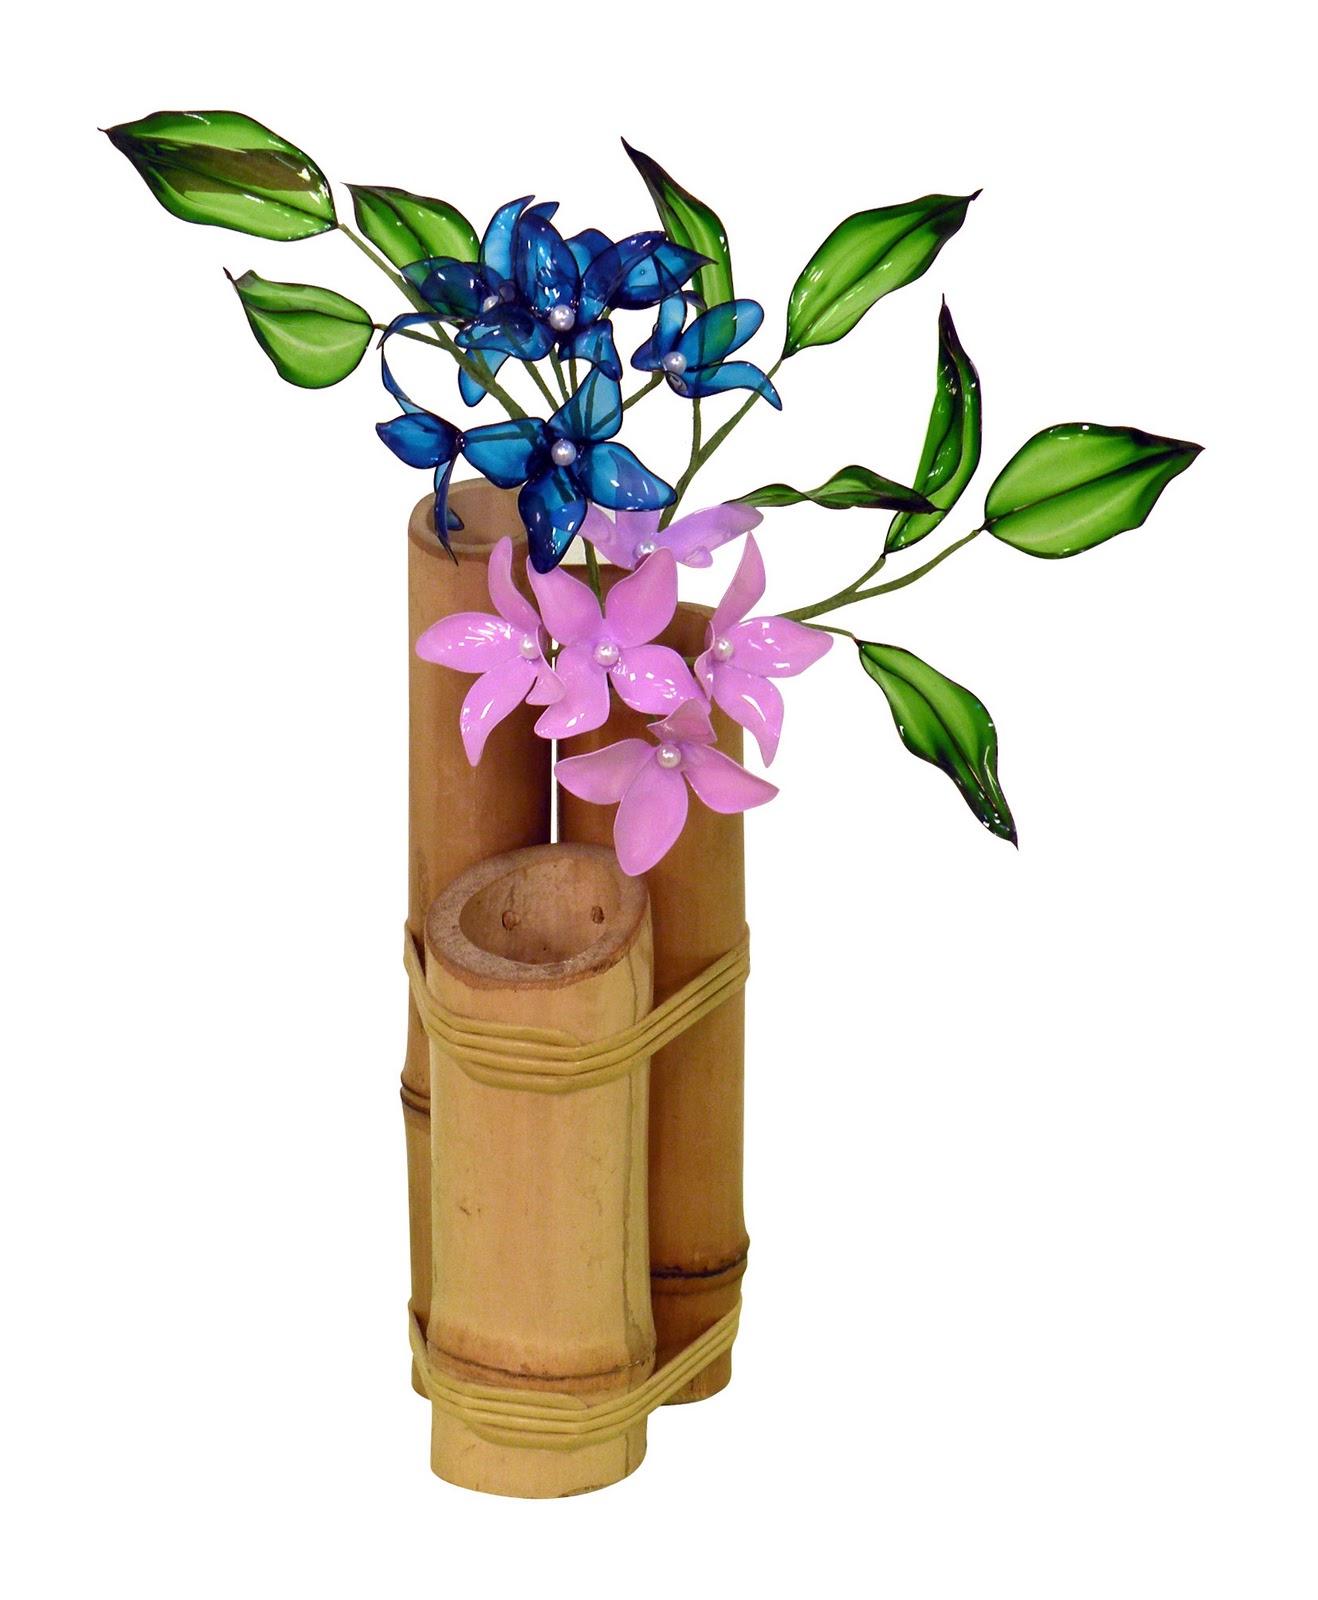 Artesanato Cobre Bolo Passo A Passo ~ Artesanato de Bambu 60 Modelos, Fotos e Passo a Passo DIY